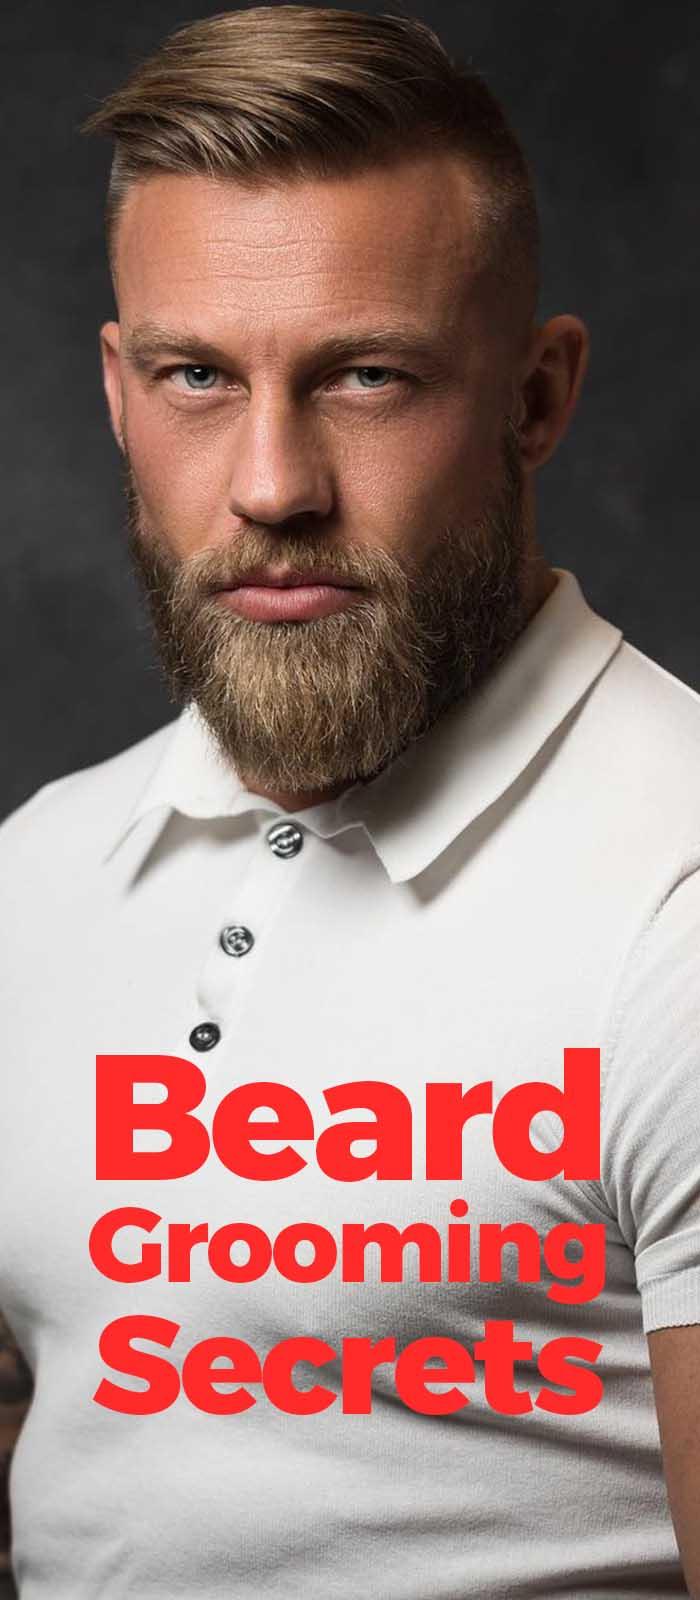 Beard Grooming Secrets For Bearded Men.